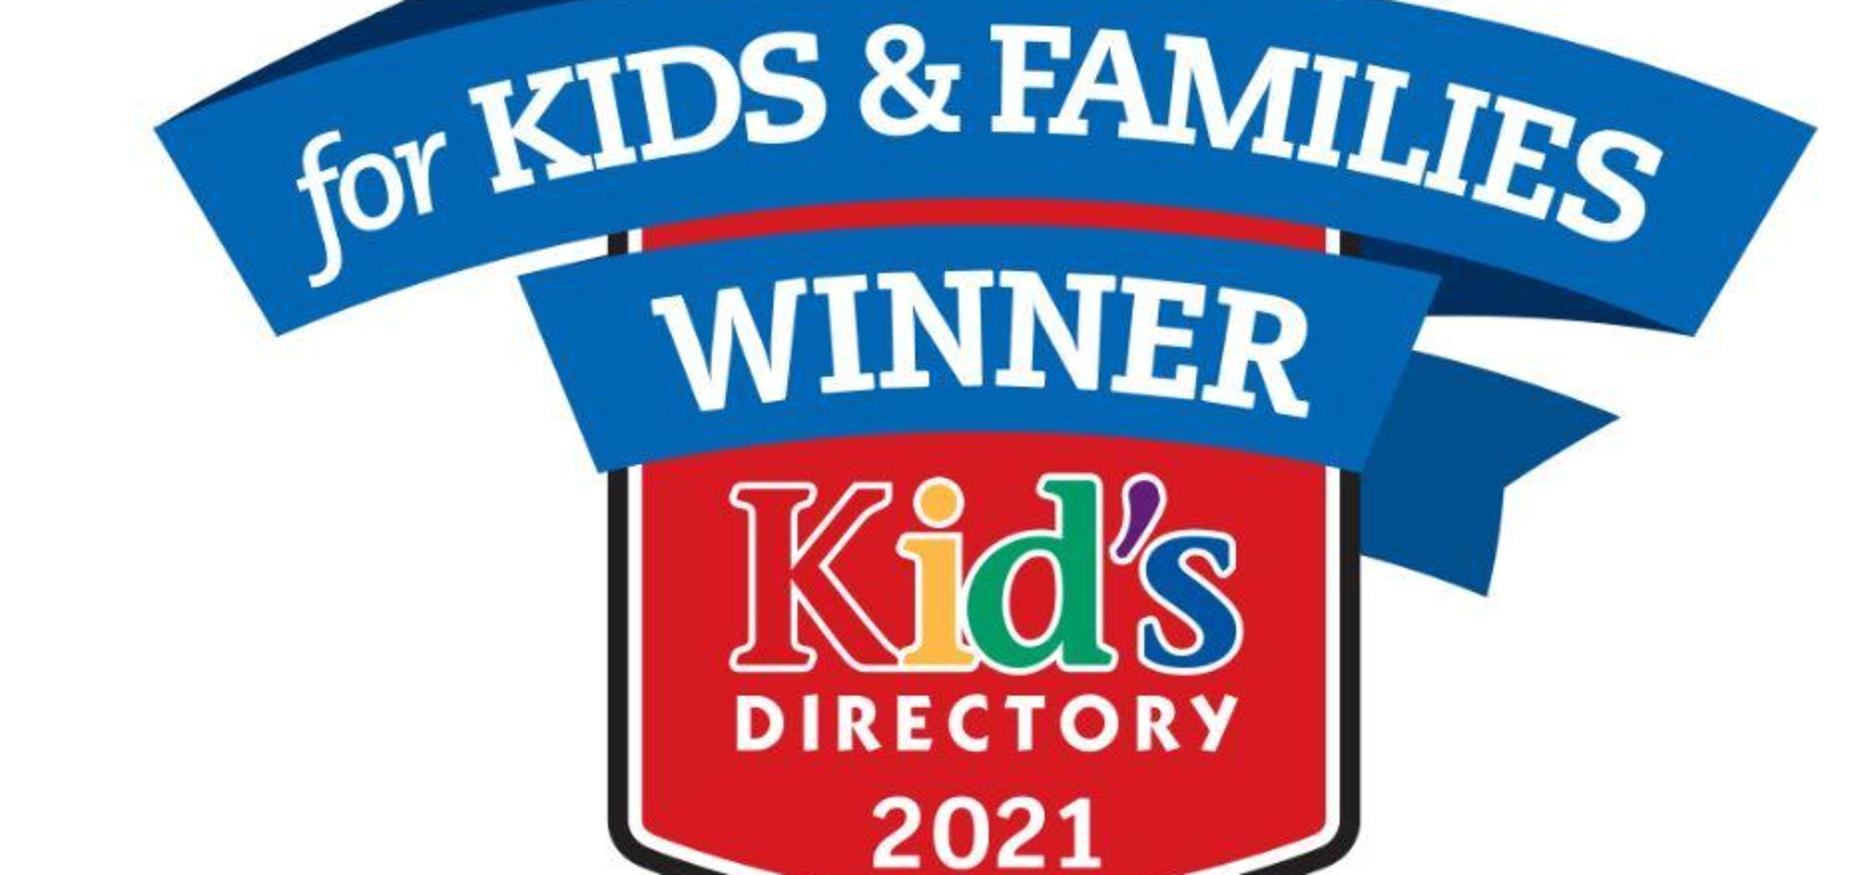 Kid's Directory Winner Graphic